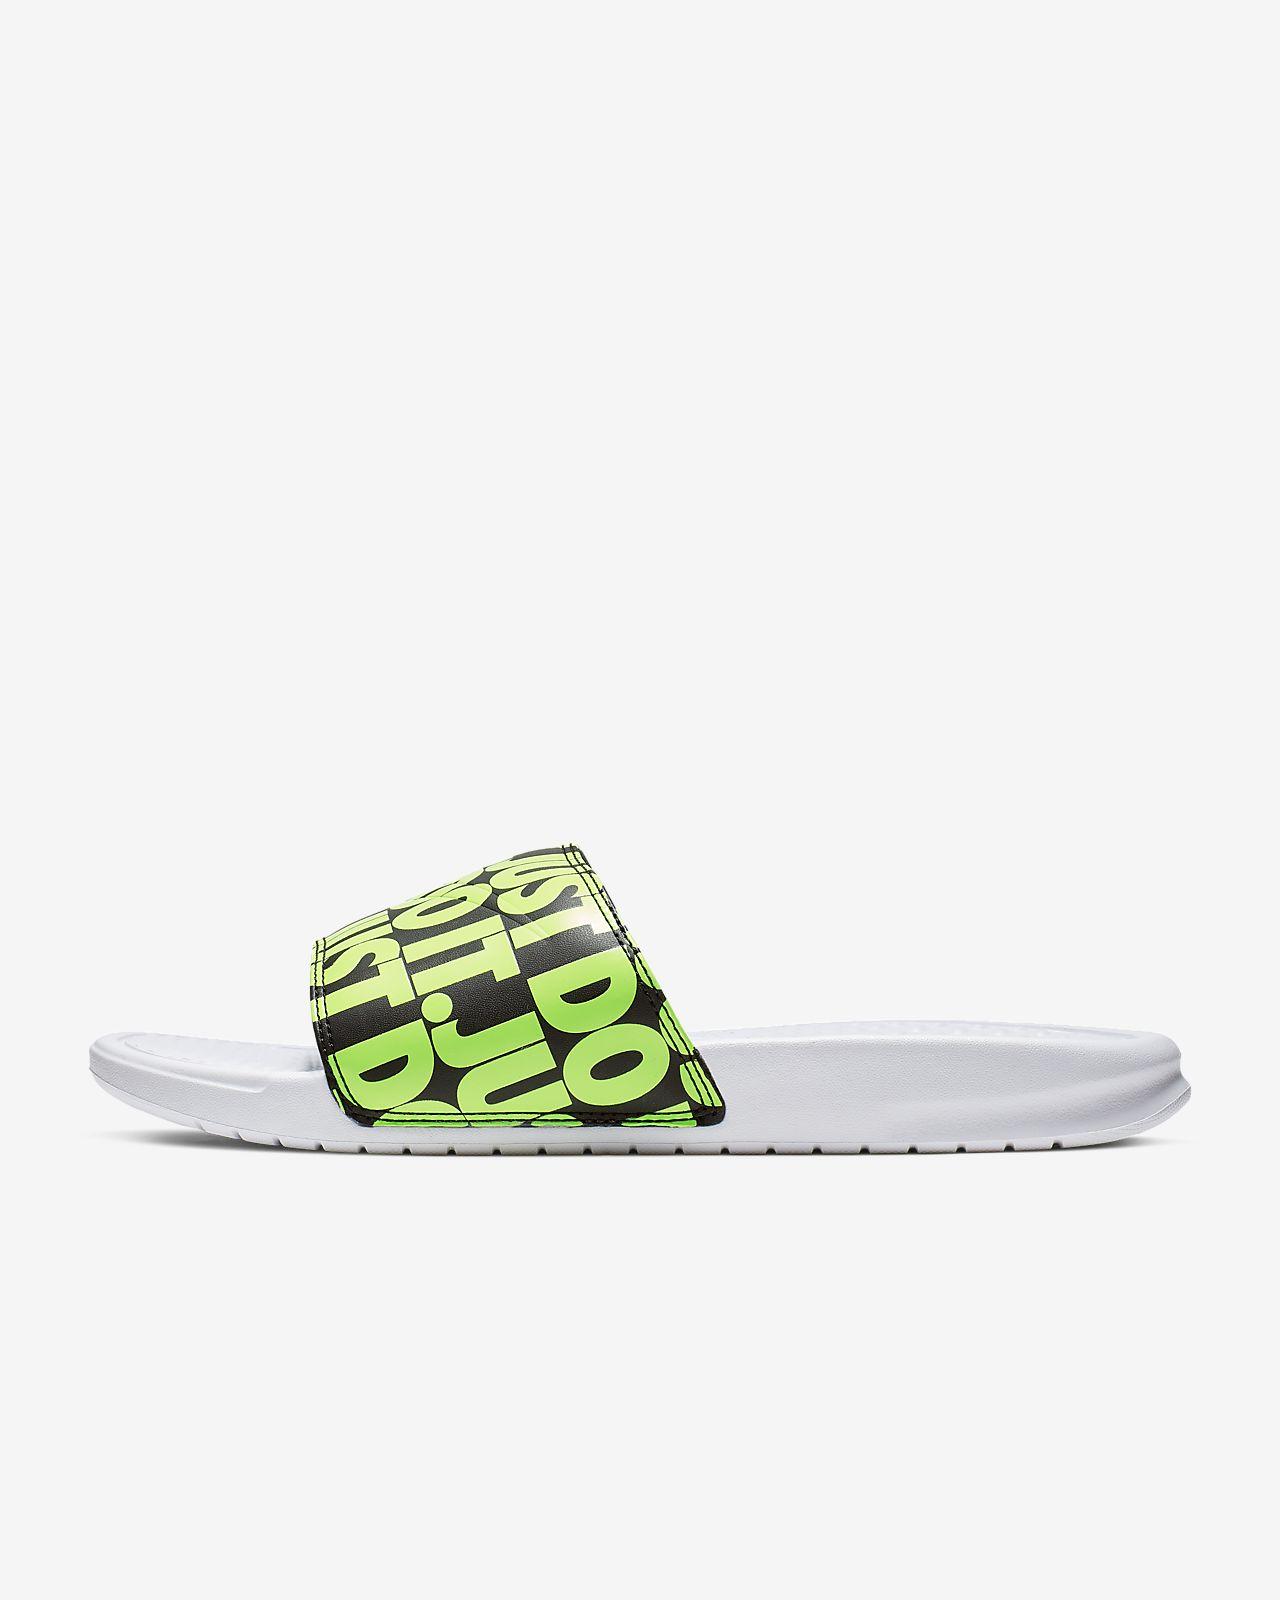 innovative design 98d69 59f65 ... Nike Benassi JDI Printed Men s Slide